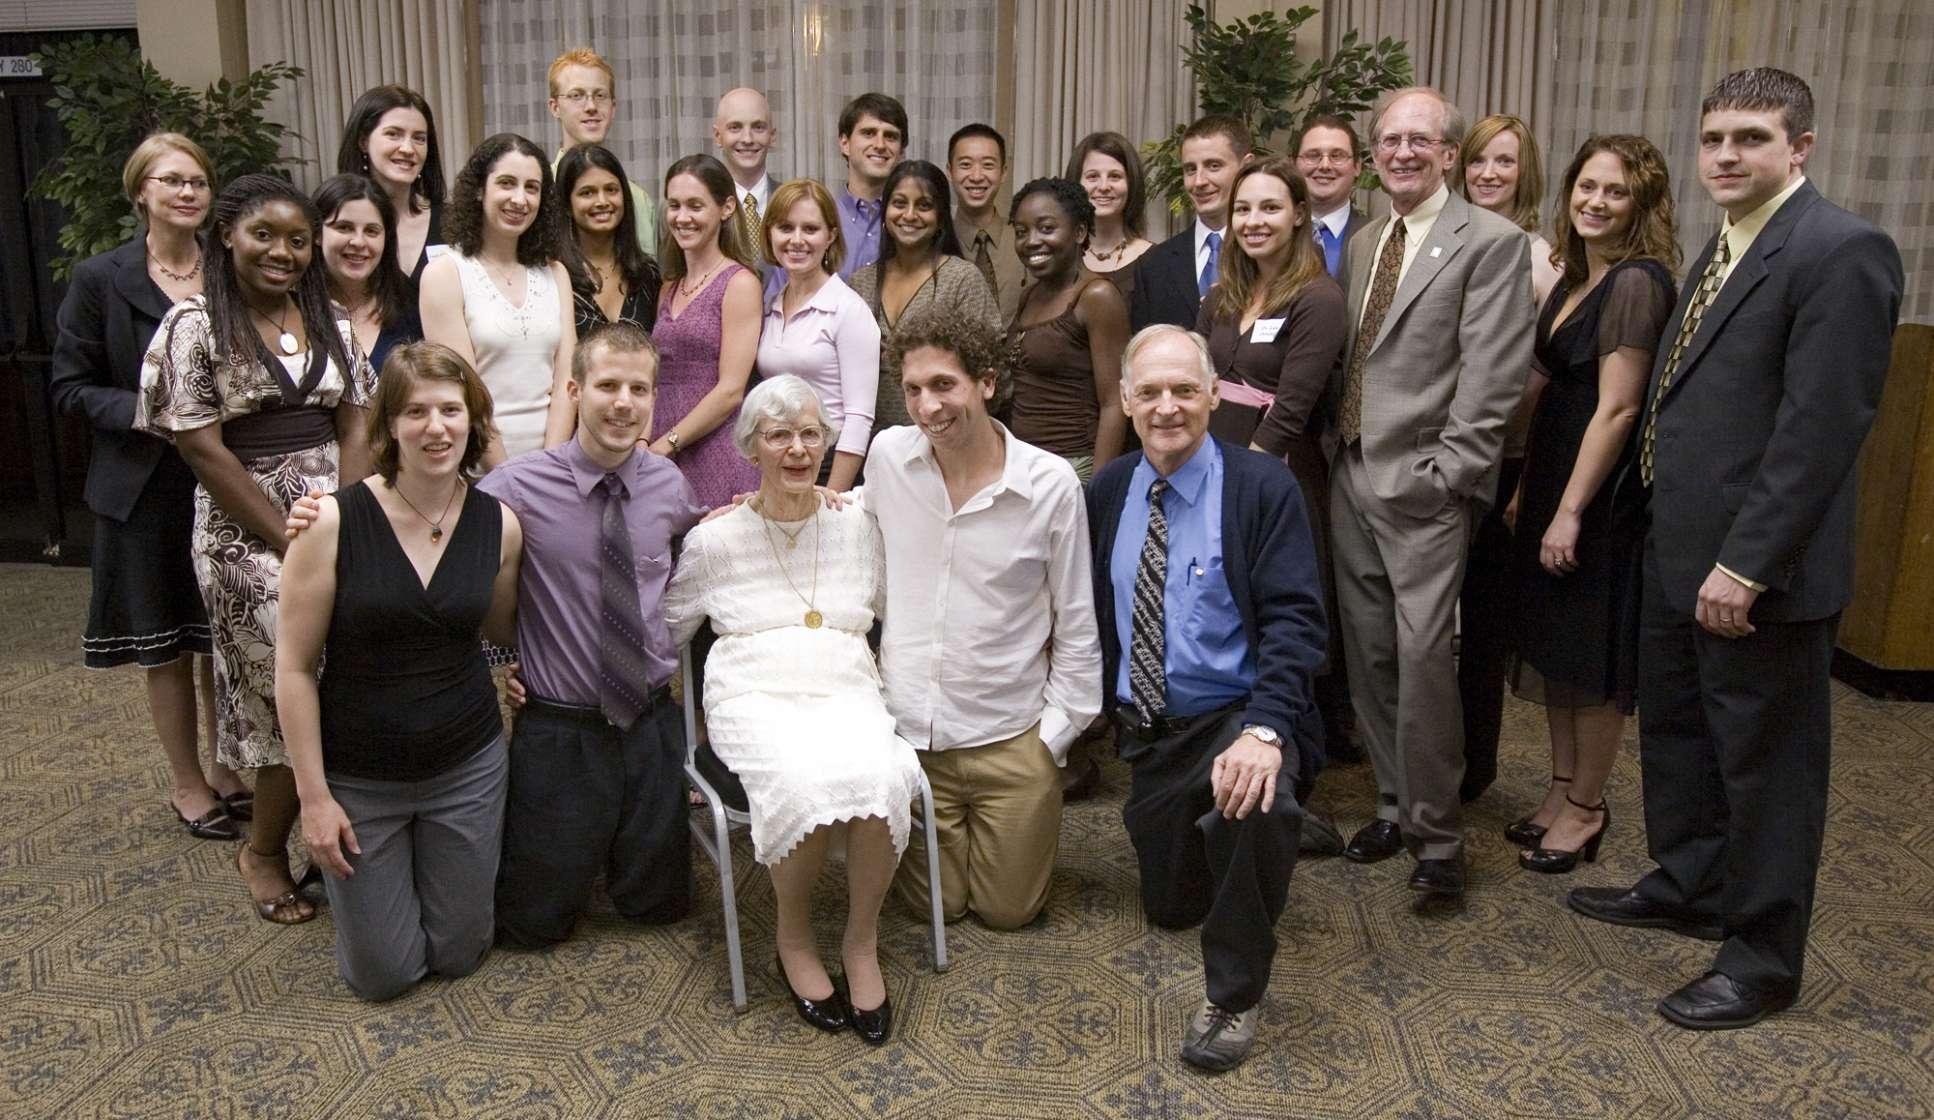 Banquet Attendees 2007